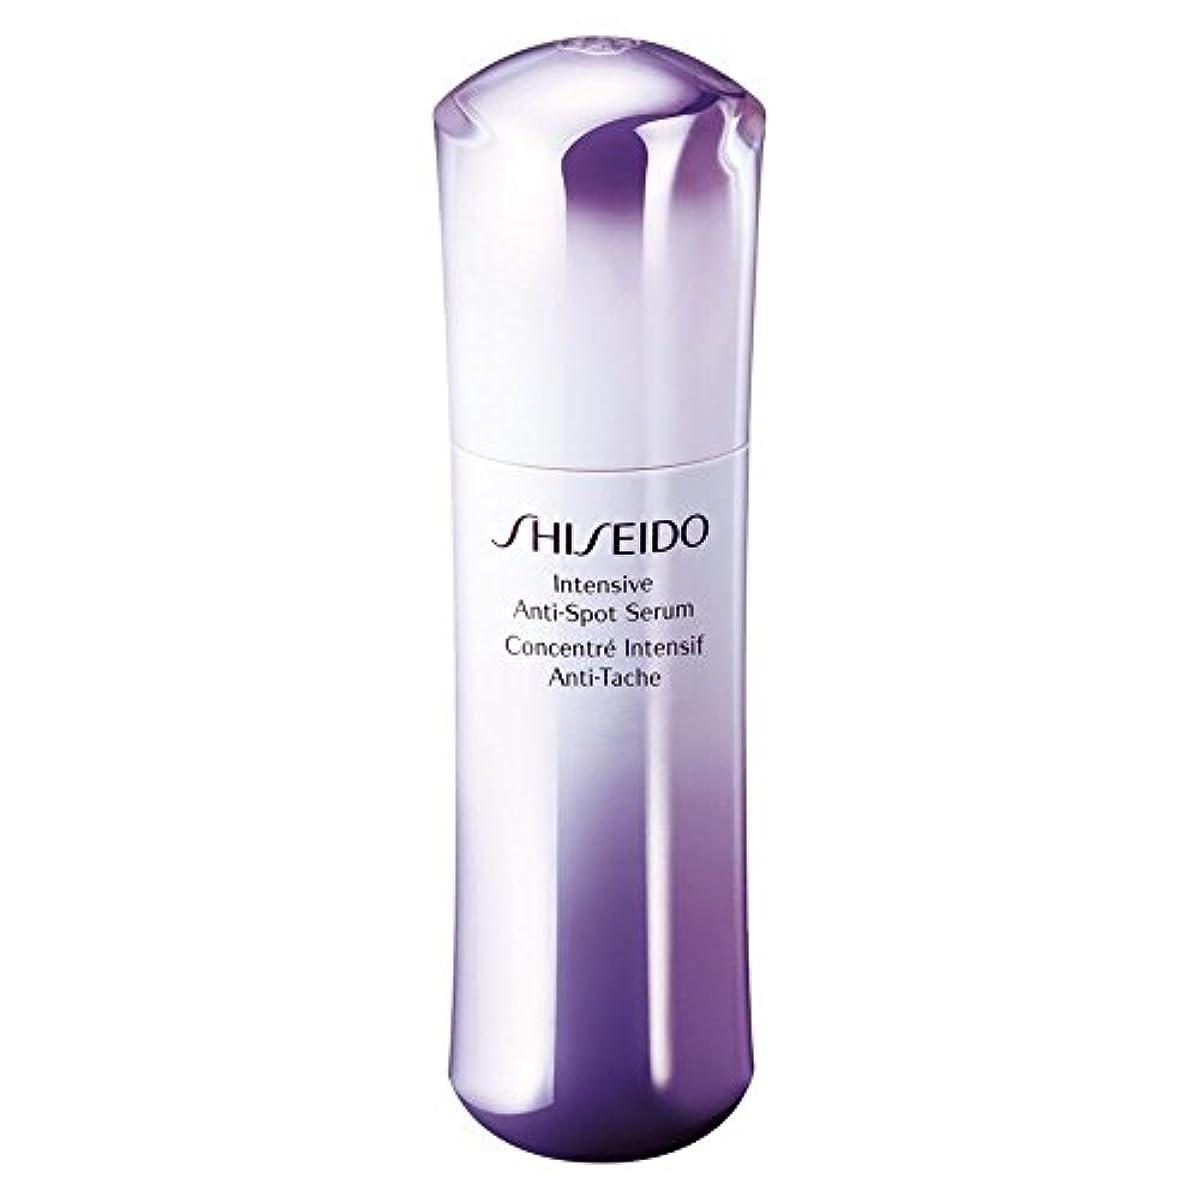 毒悪化する難民[Shiseido] 集中的なアンチスポットセラム30MlをShisiedo - Shisiedo Intensive Anti-Spot Serum 30ml [並行輸入品]